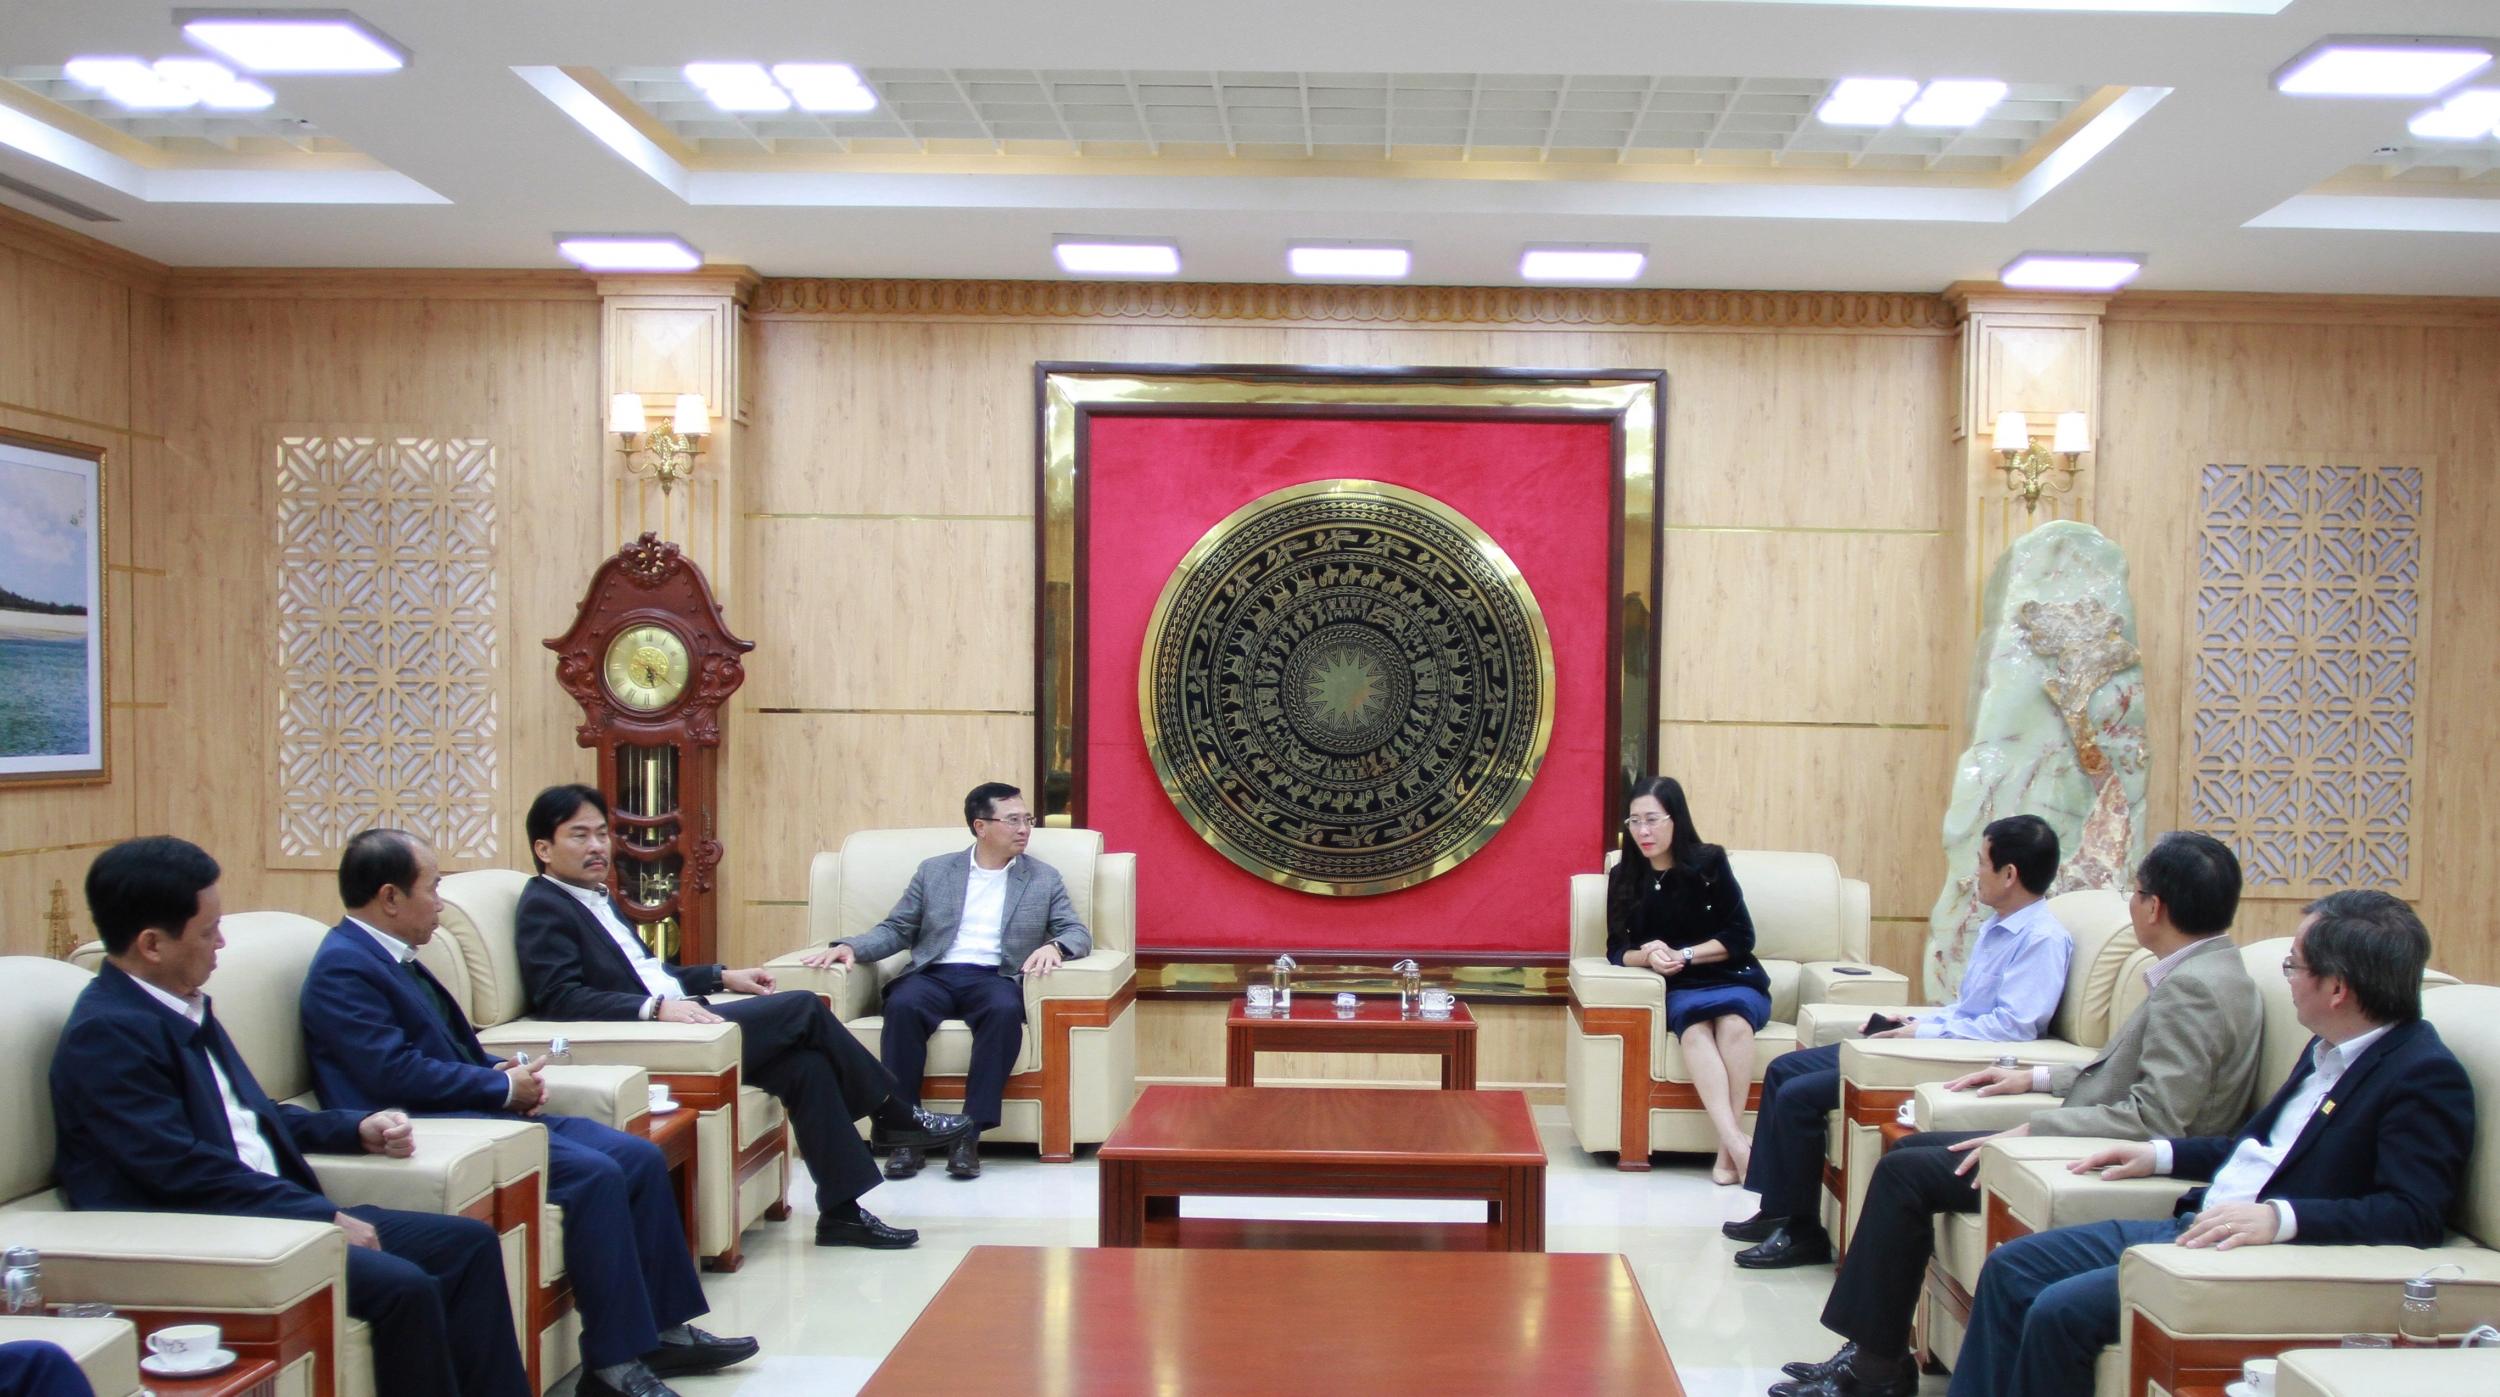 Chủ tịch HĐTV Petrovietnam làm việc với Tỉnh uỷ Quảng Ngãi